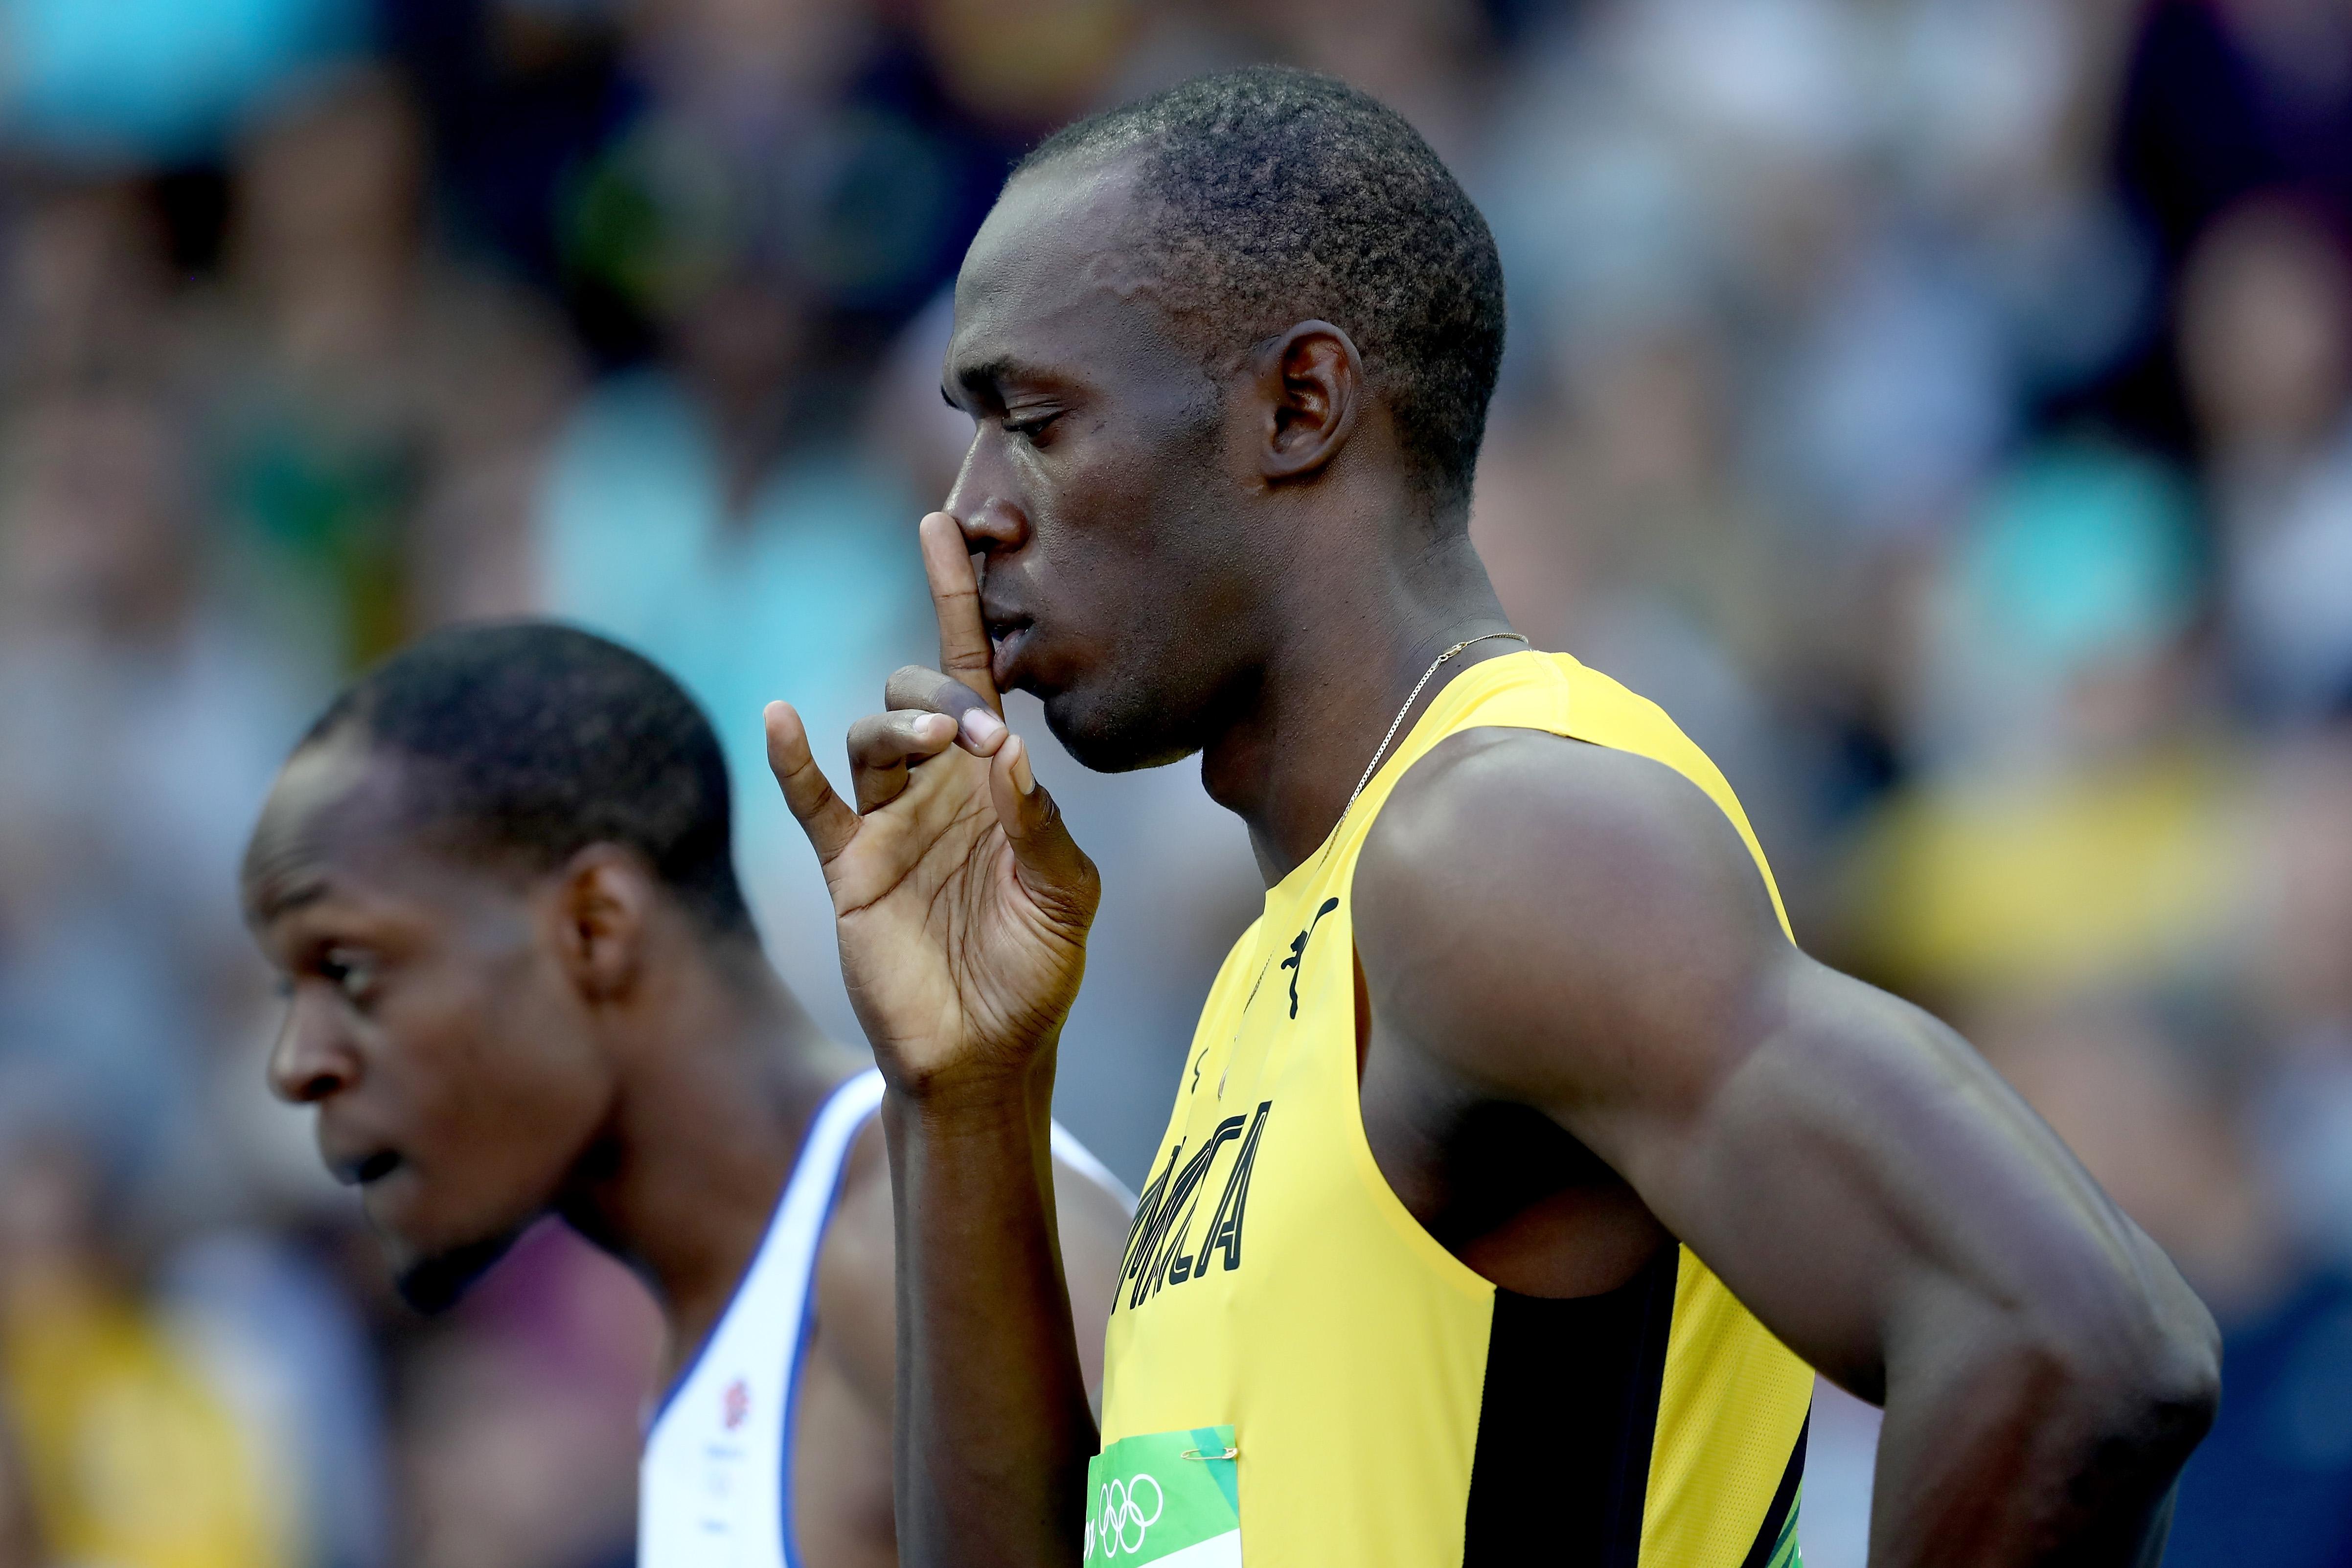 est100 一些攝影(some photos): Usain Bolt, 博爾特/ 波特